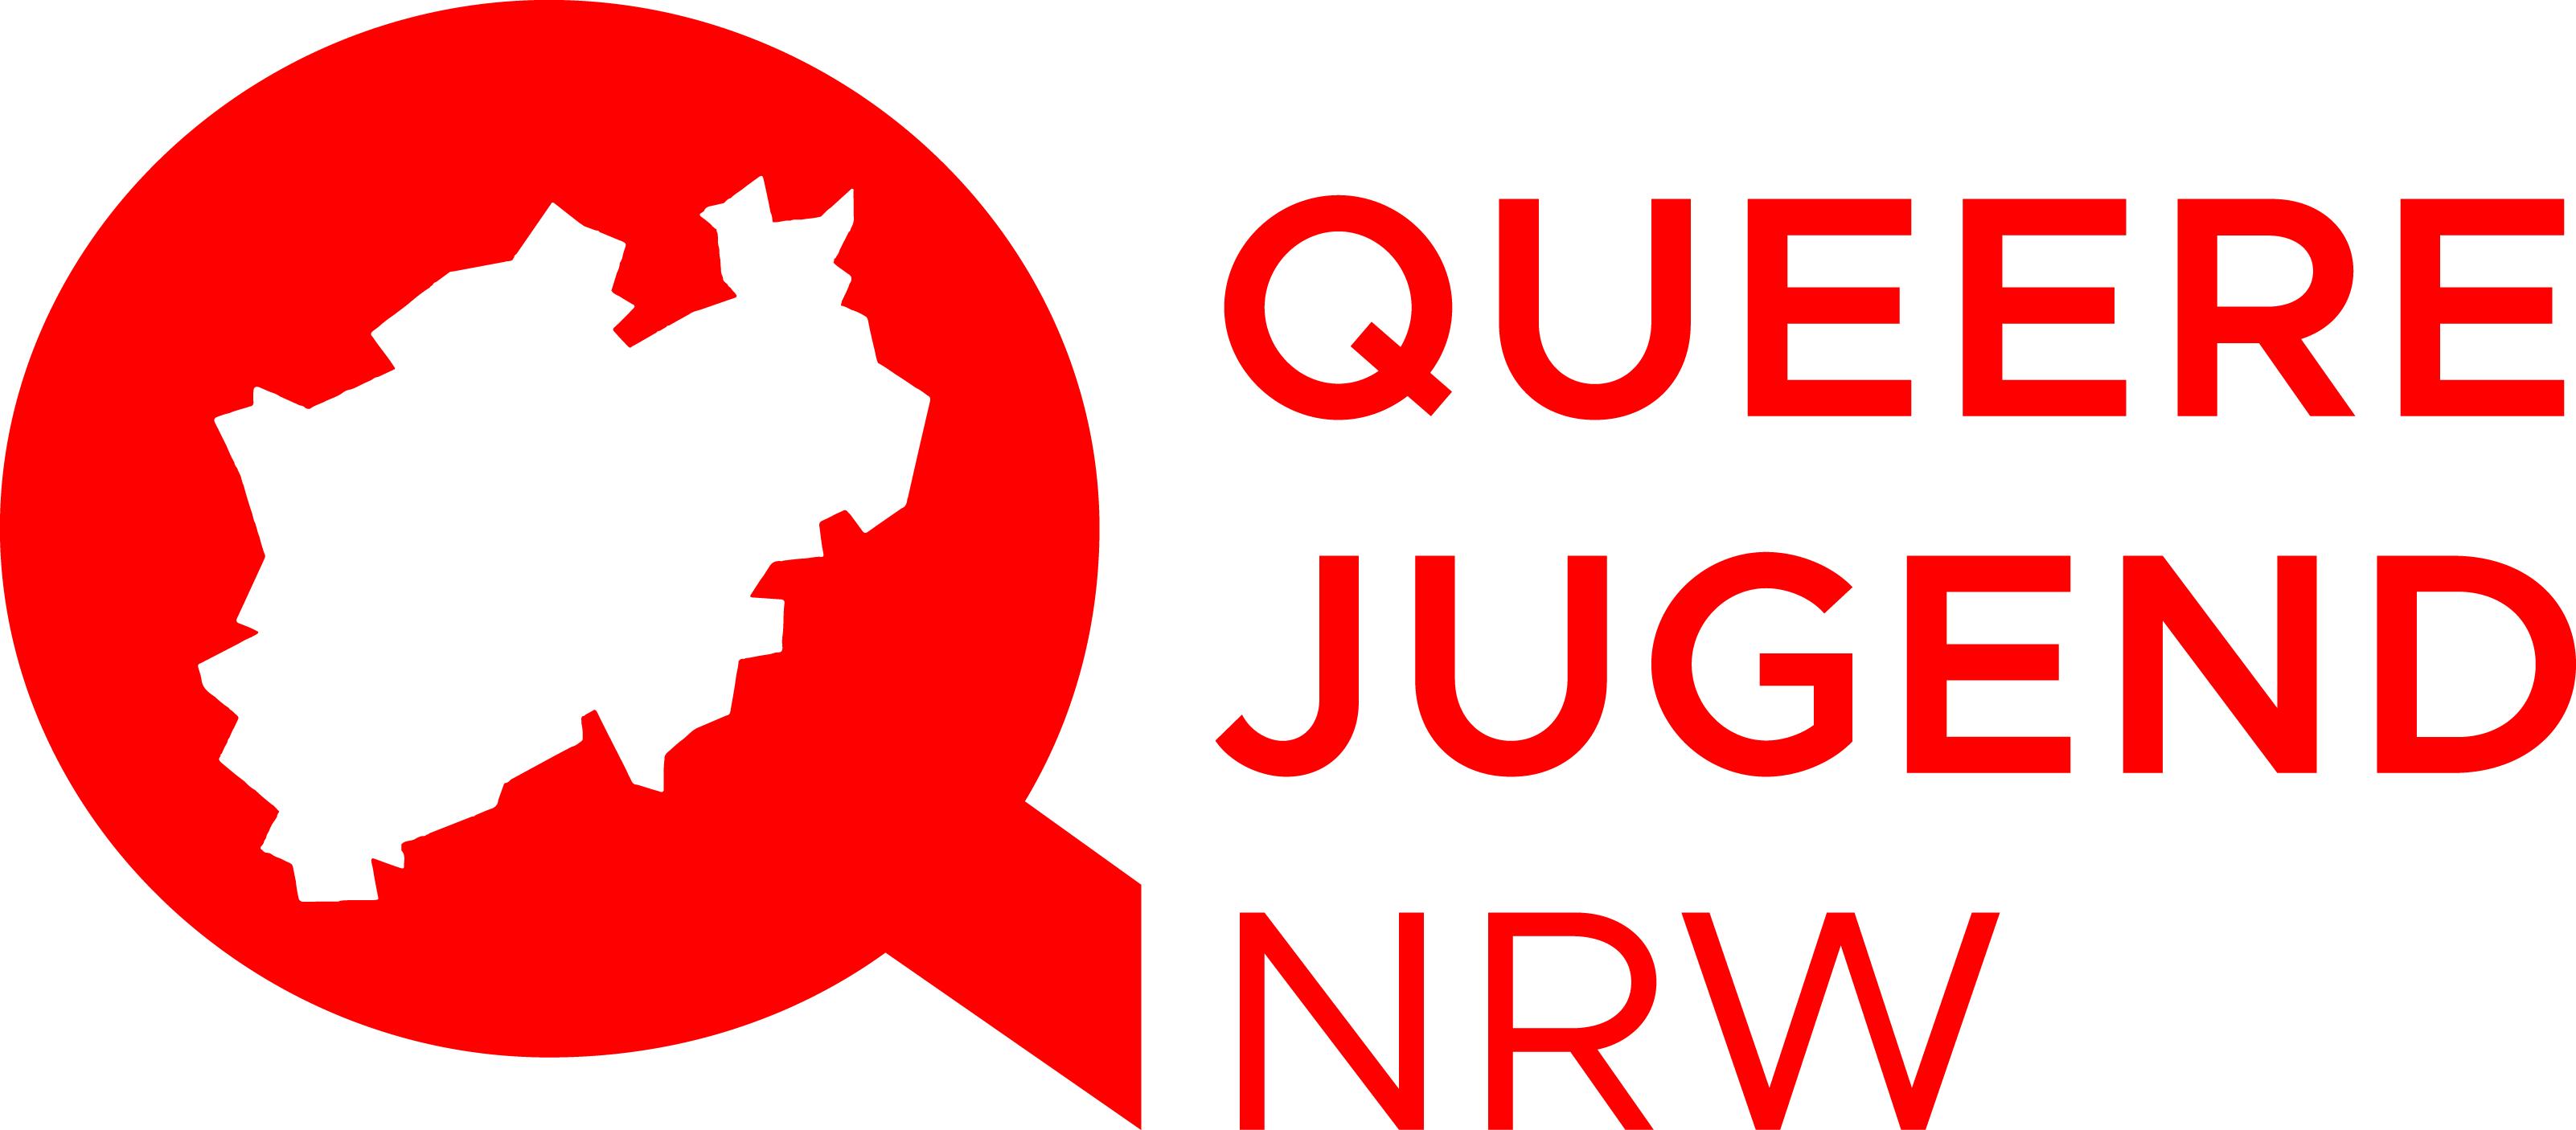 """Das Bild zeigt das Logo der Queeren Jugend NRW es besteht aus einem Roten """"Q"""" die mitte ist in Form von NRW ausgestanzt. Rechts neben dem """"Q"""" steht aufgeteilt auf 3 Zeilen """"Queere Jugend NRW"""""""